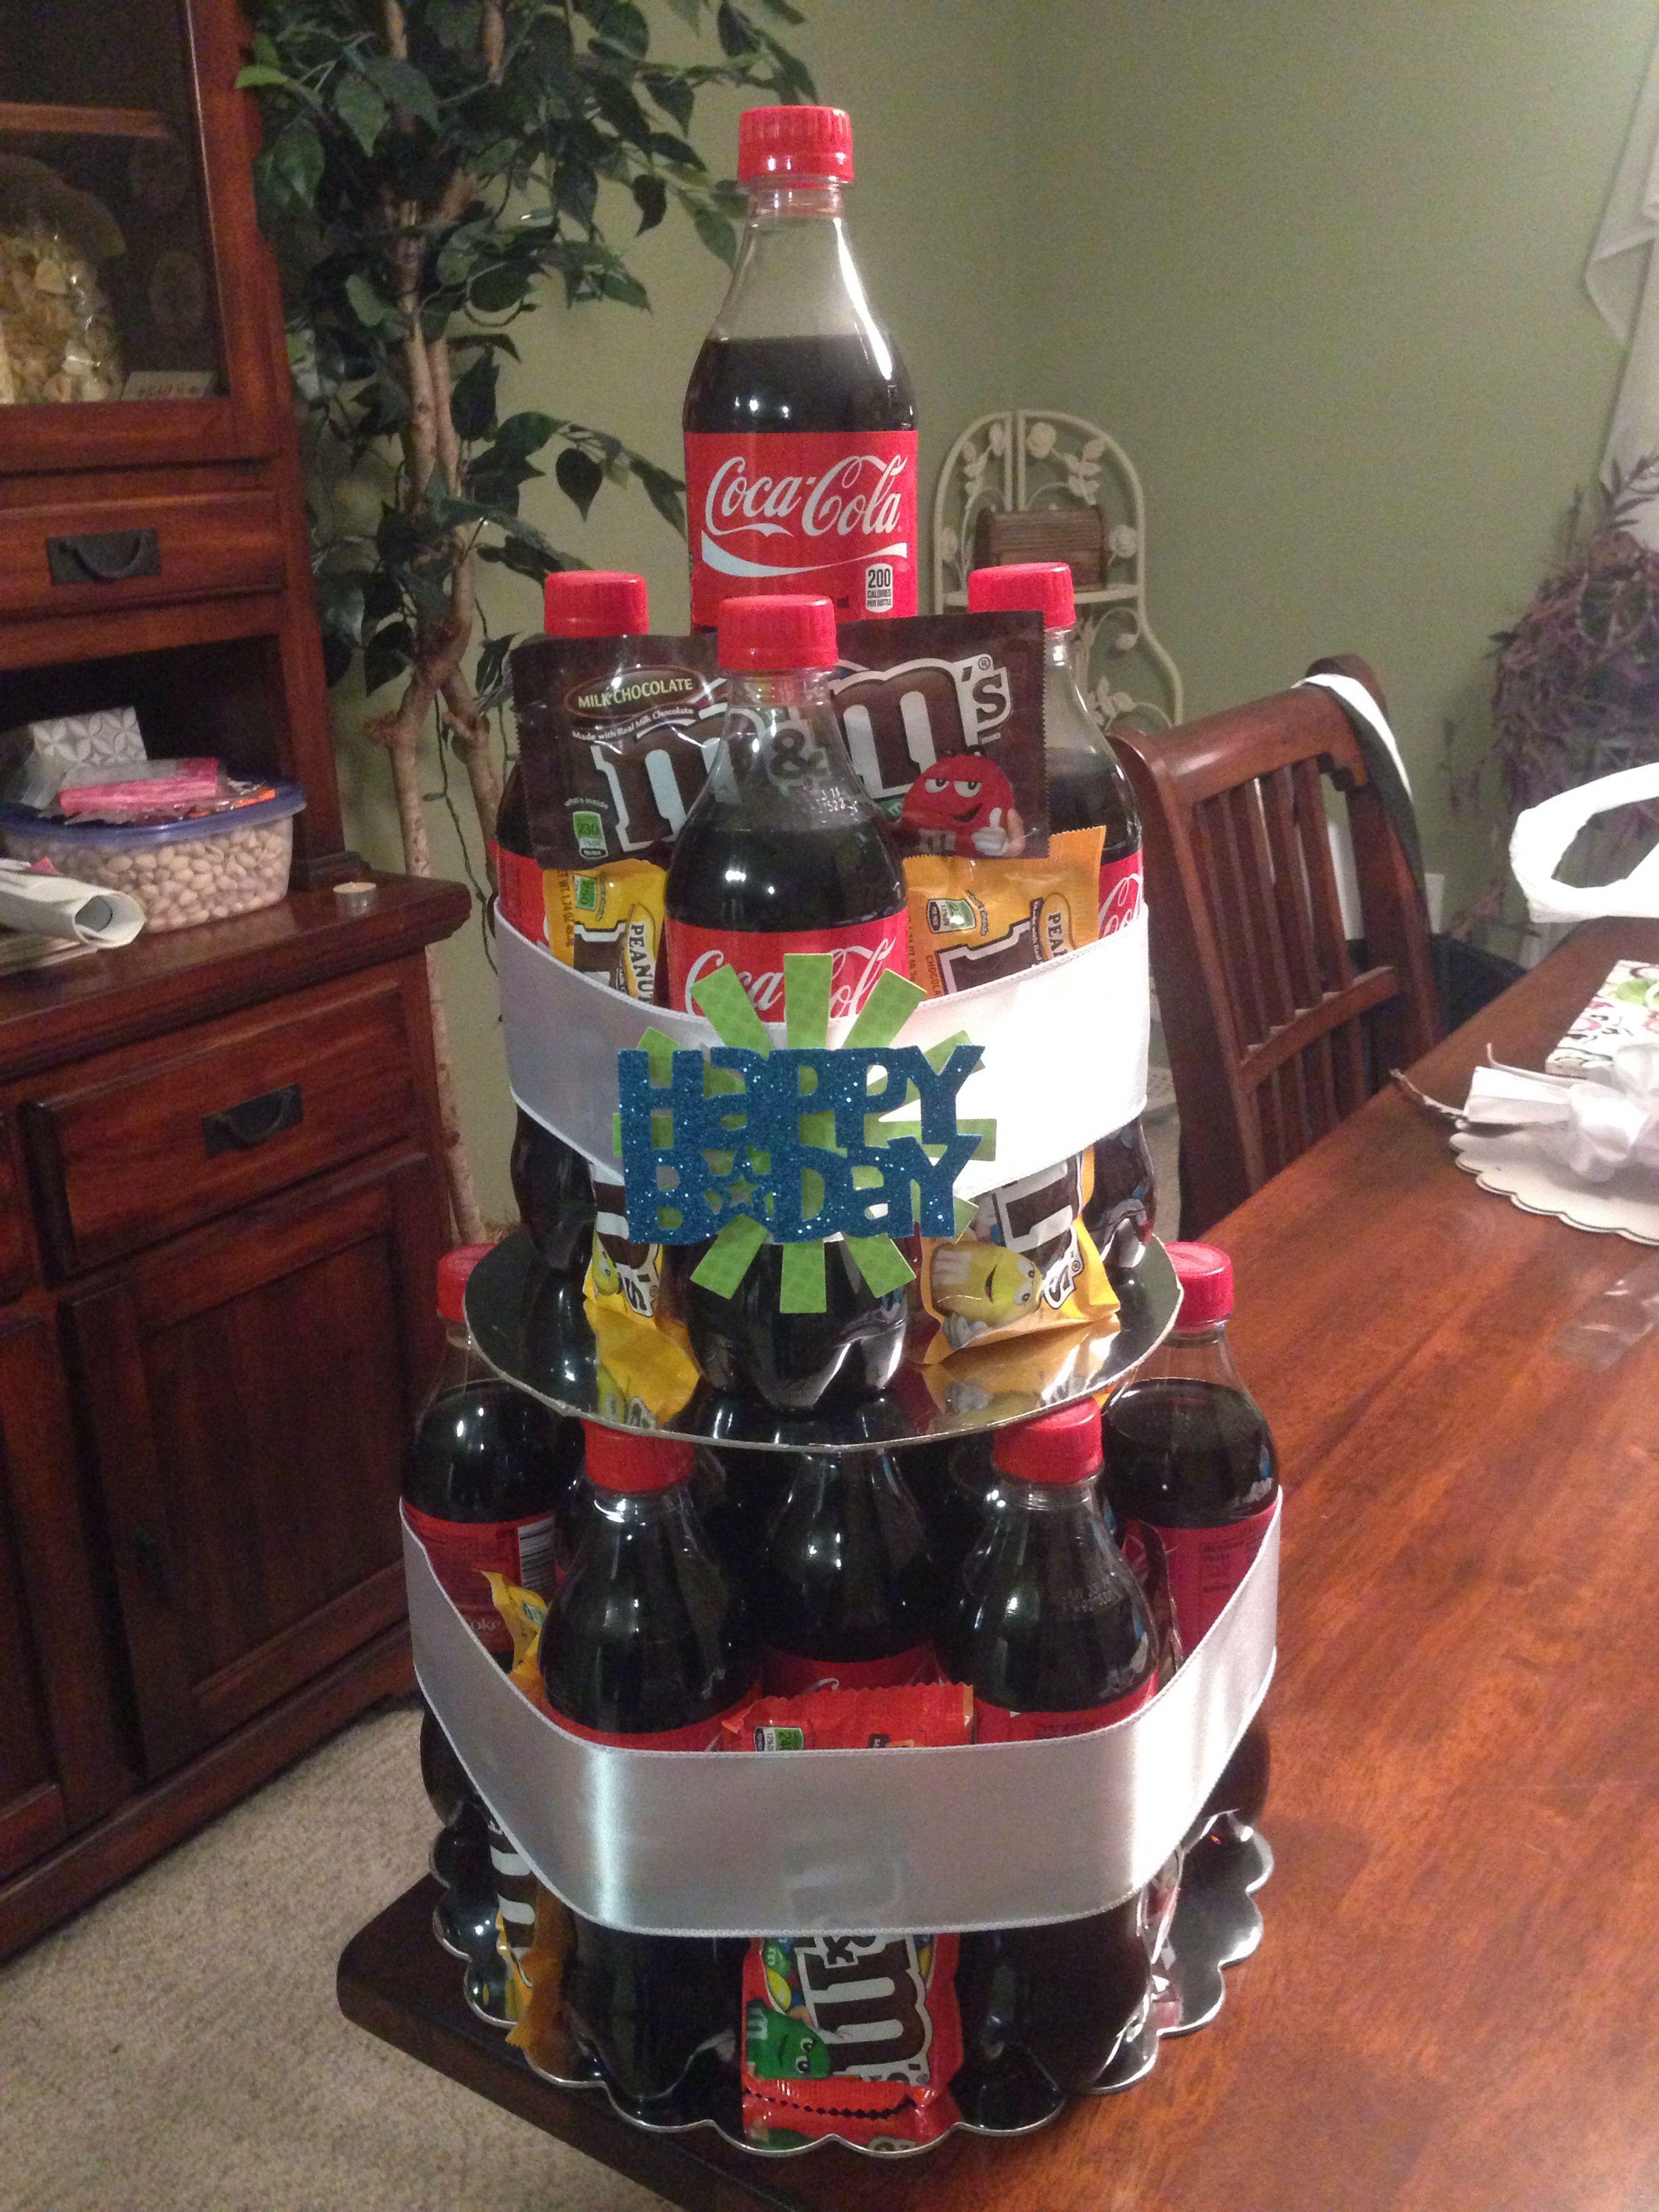 Coke Bottle Tiered Cake Gifts Coke Cake Bottle Cake